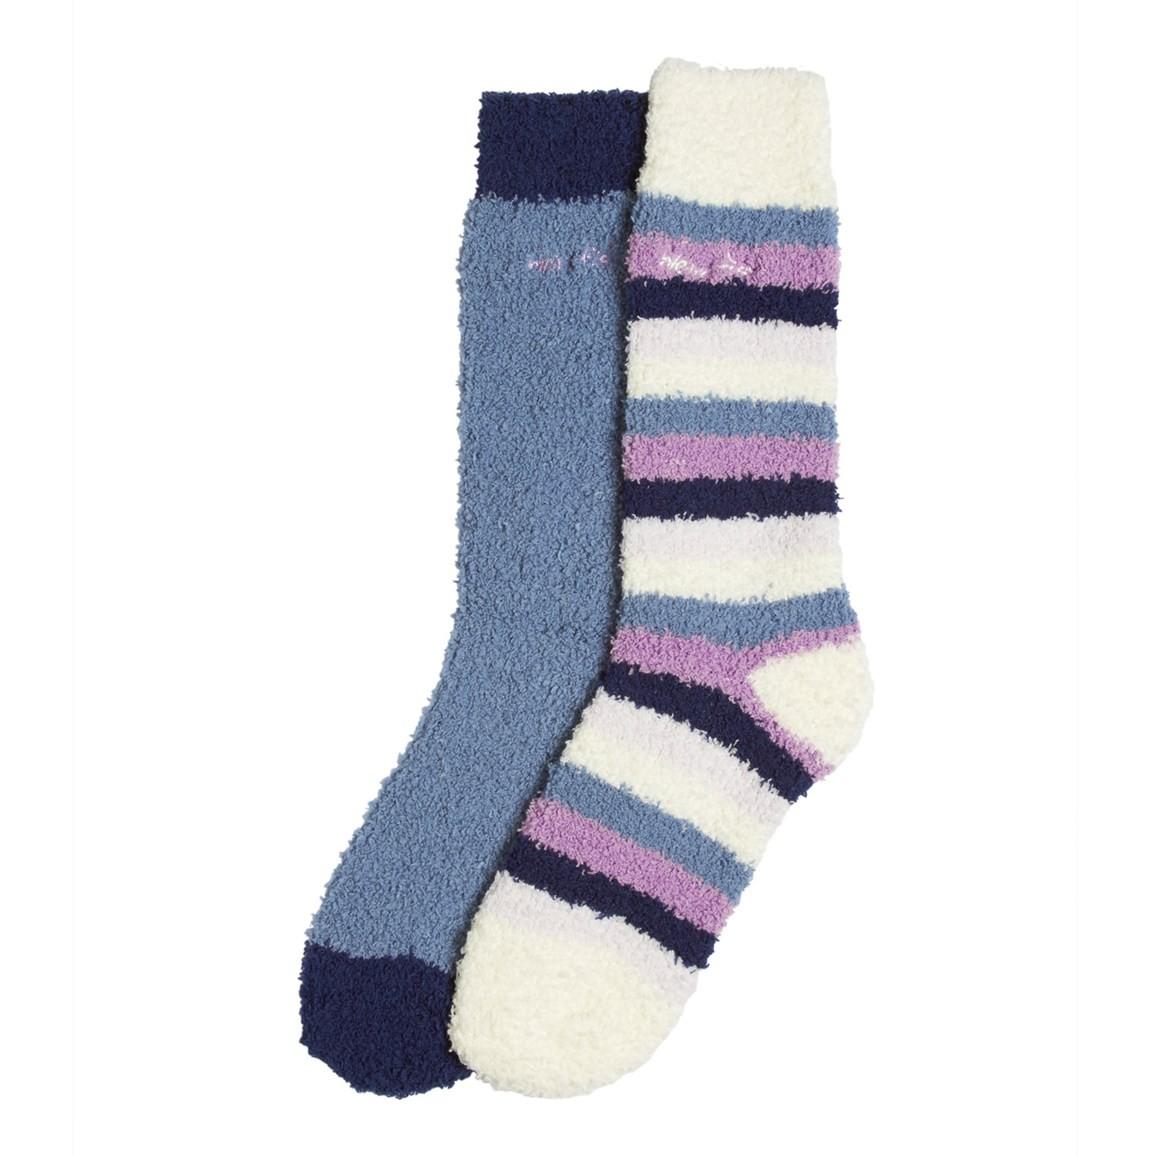 Park Fluffy Socks 2 Pack Iris